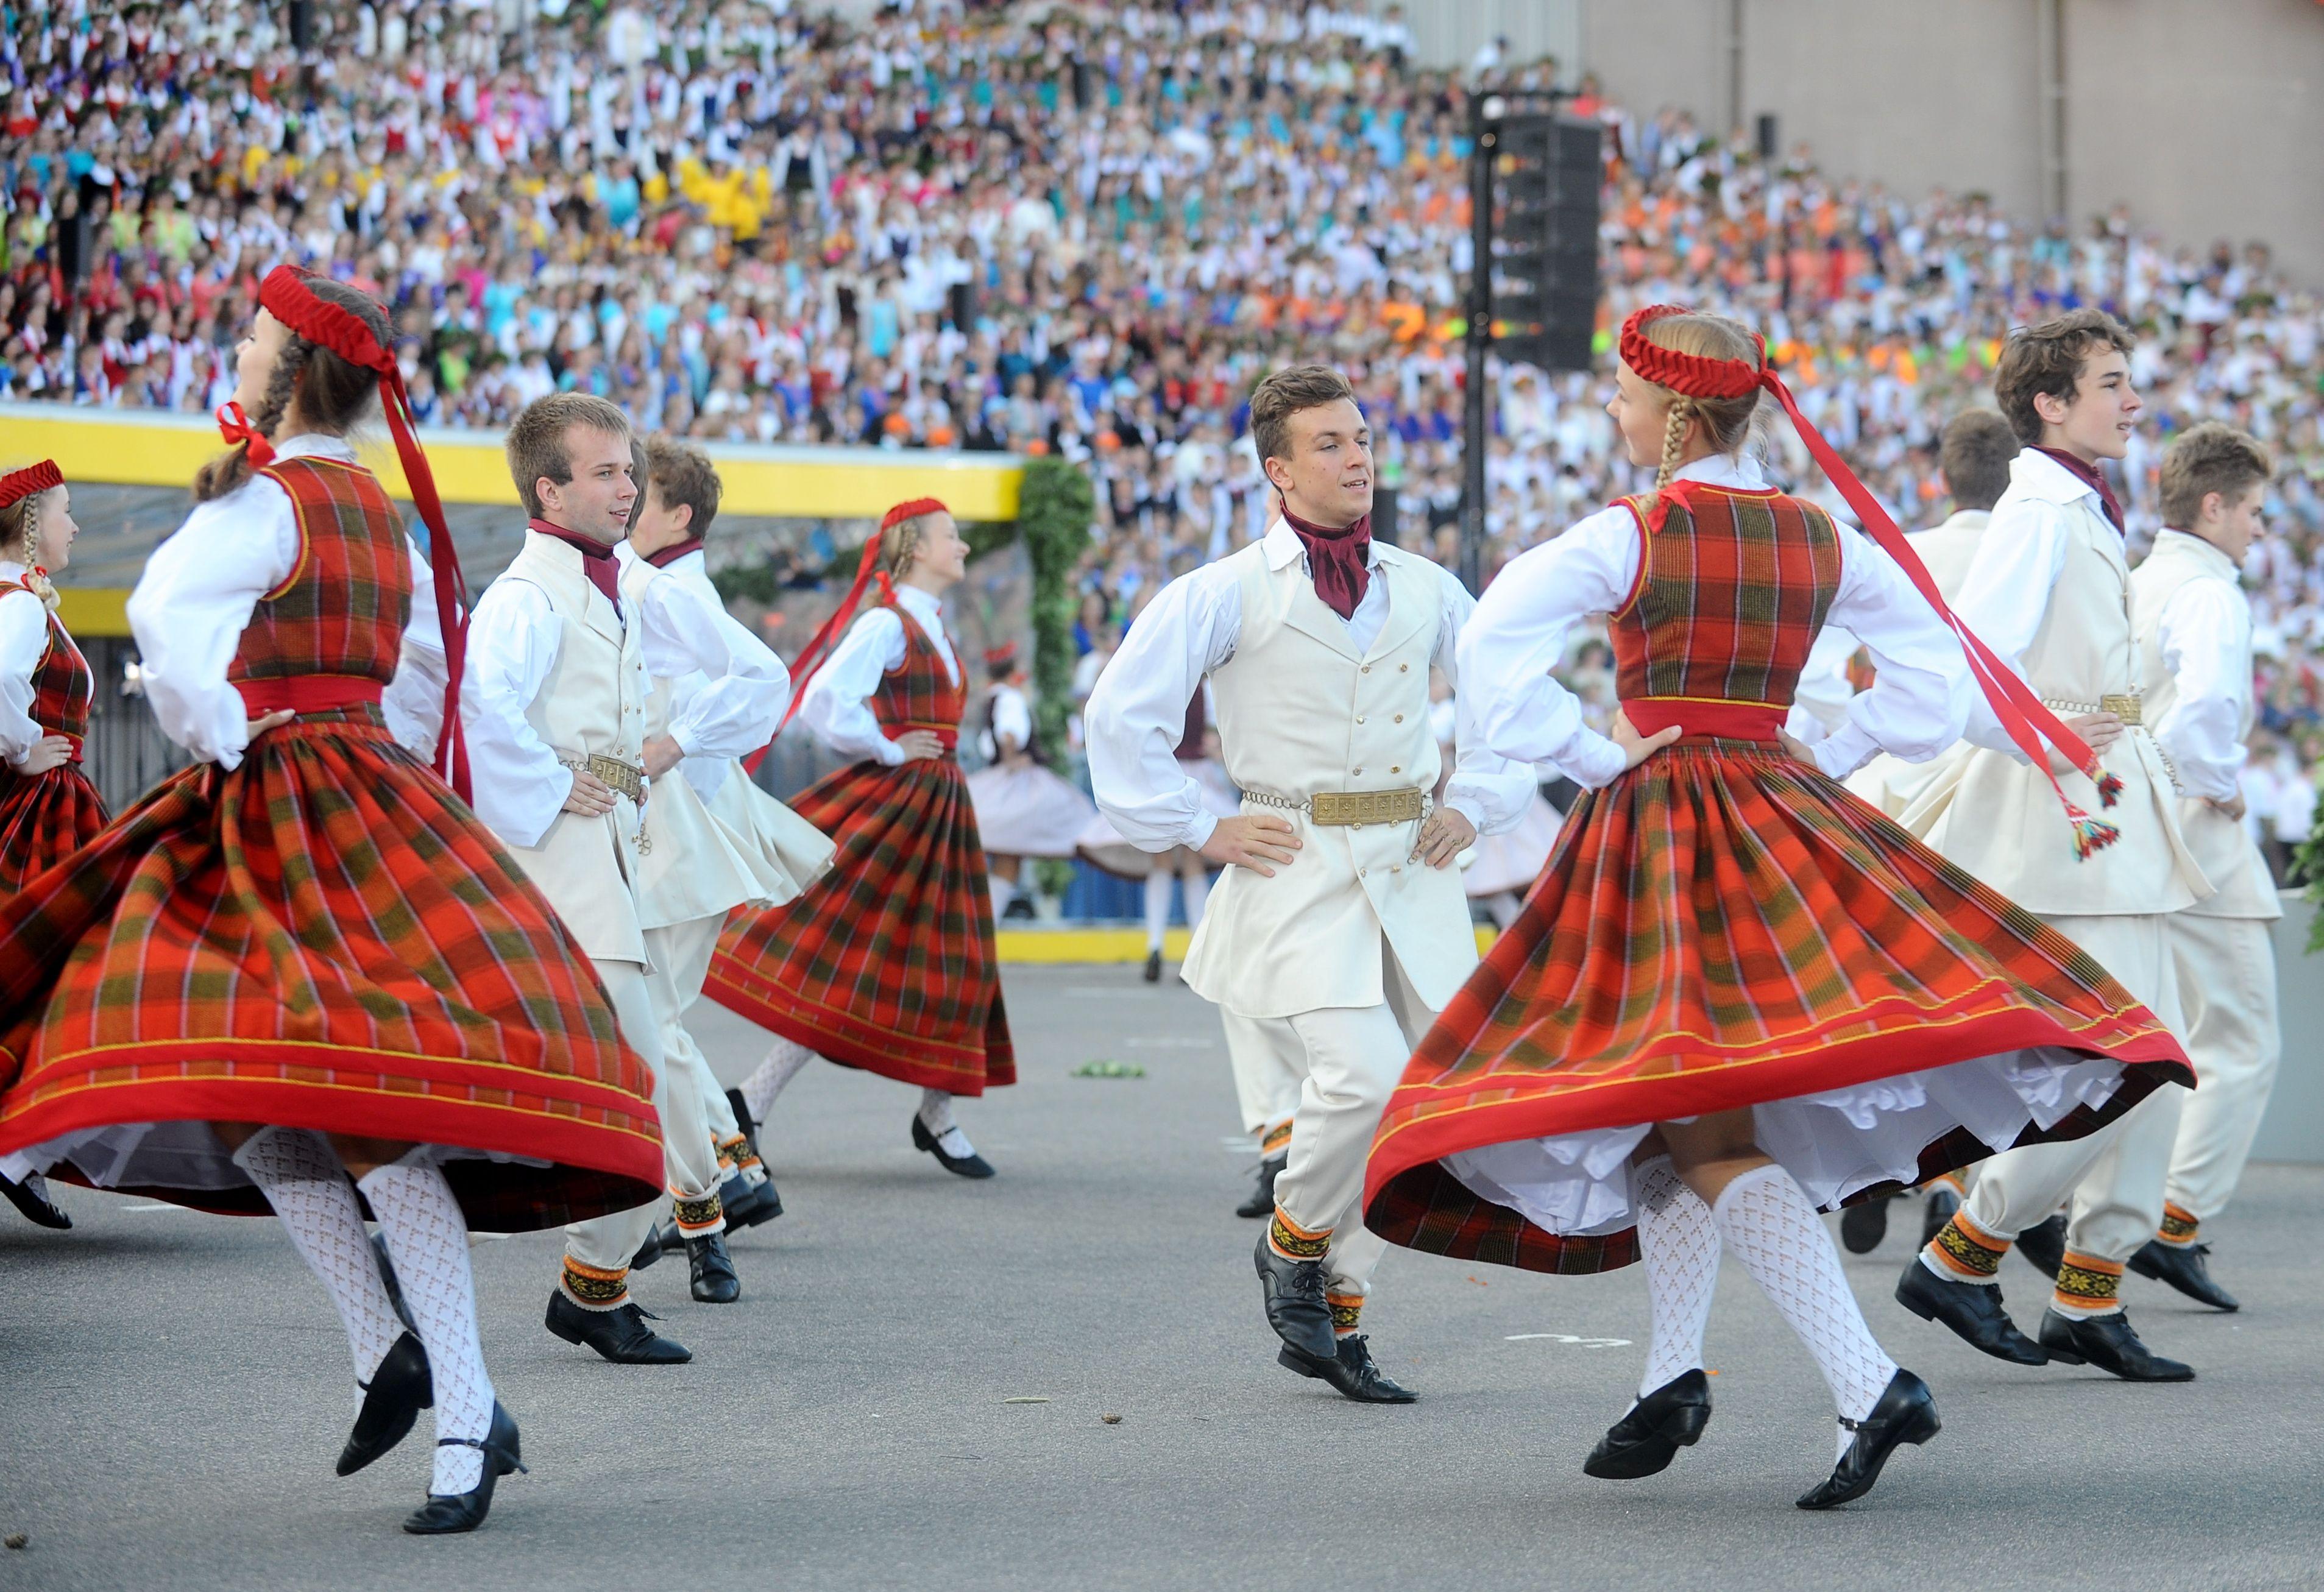 """XI Latvijas skolu jaunatnes dziesmu un deju svētku noslēguma koncerts """"Manā dziesmā tu…"""" Mežaparka Lielajā estrādē."""